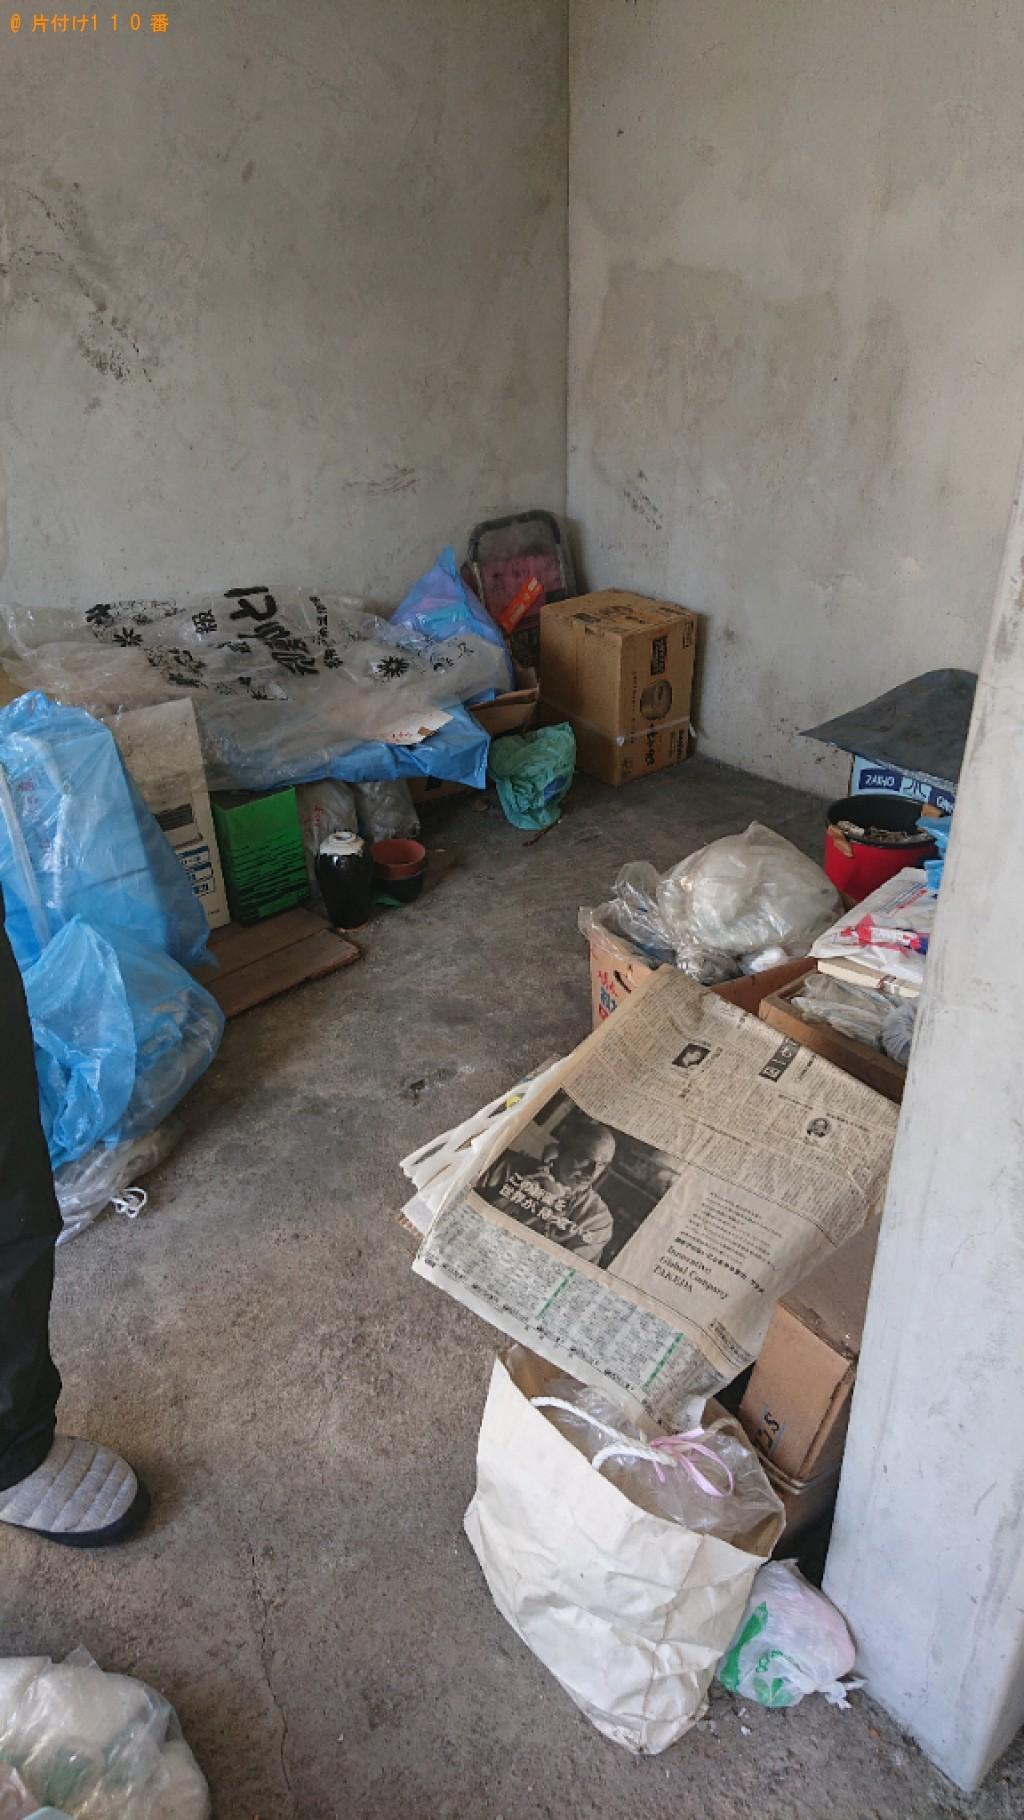 【神戸市垂水区】トラックパックでの出張不用品回収・処分ご依頼